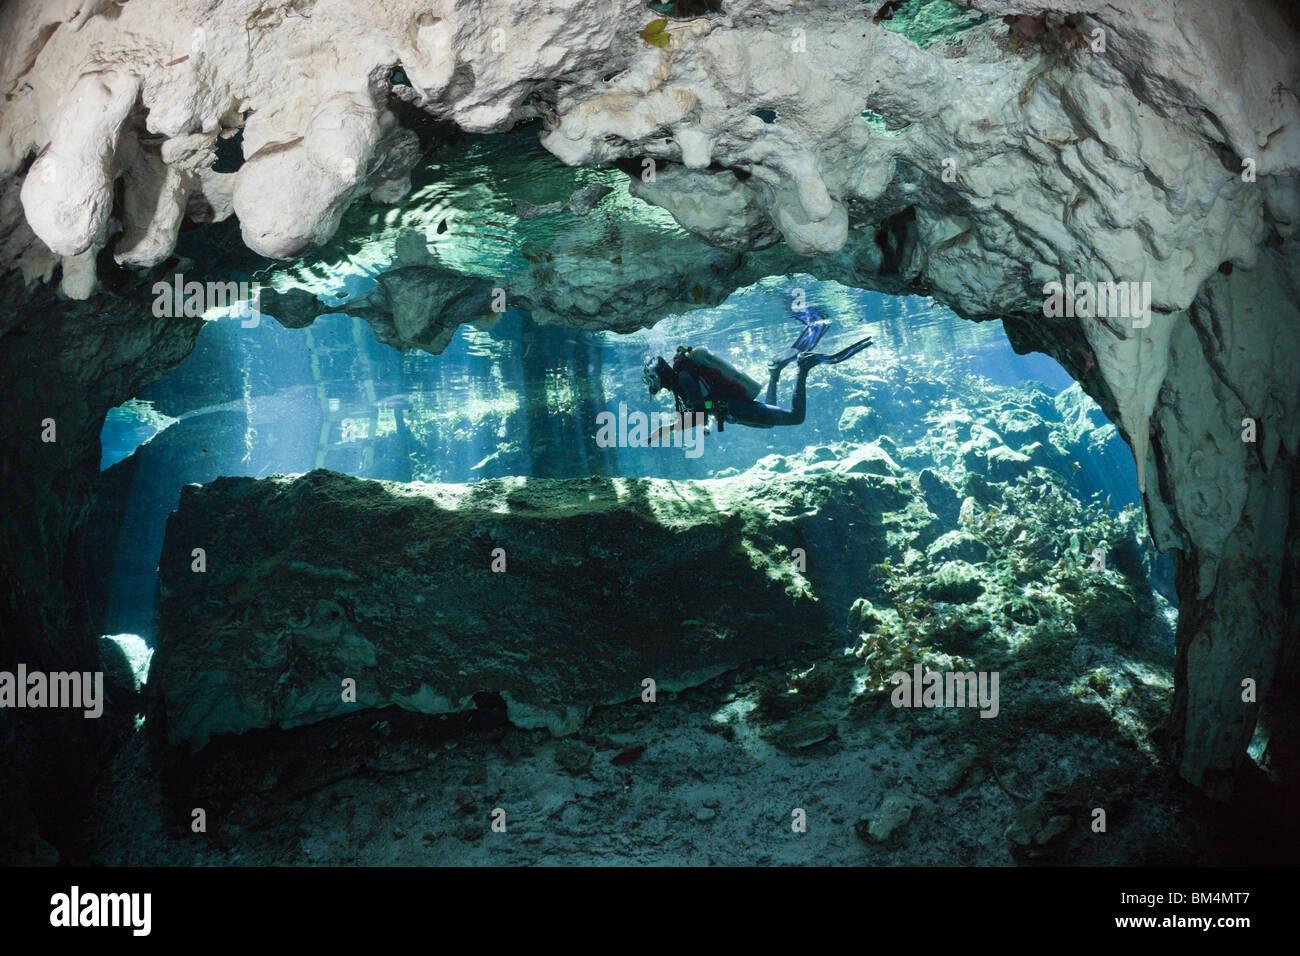 Scuba Diver in Gran Cenote, Tulum, Yucatan Peninsula, Mexico - Stock Image